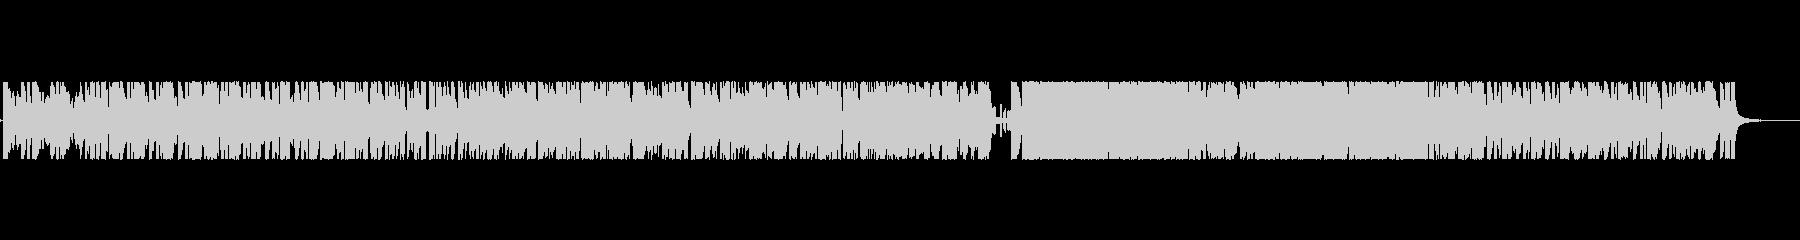 アップテンポでノリの良いサックス曲の未再生の波形